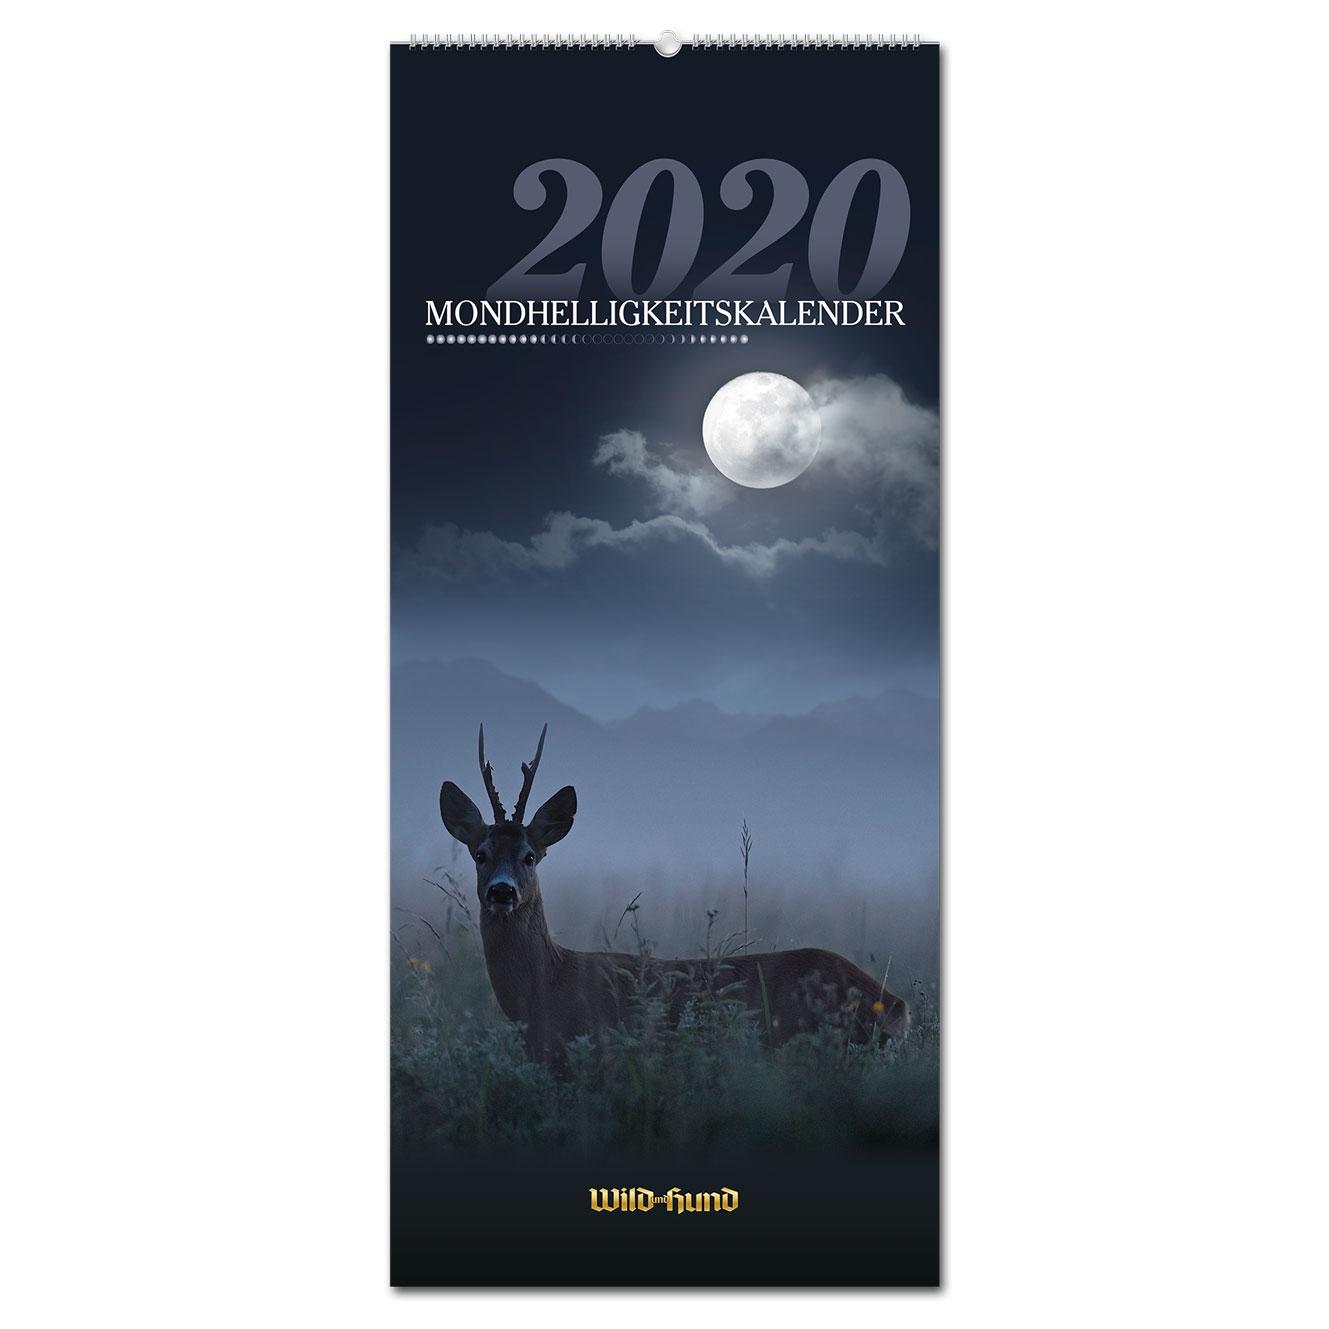 304421cd0865bf WILD UND HUND Edition: Mondhelligkeitskalender 2020 - Pareyshop.de